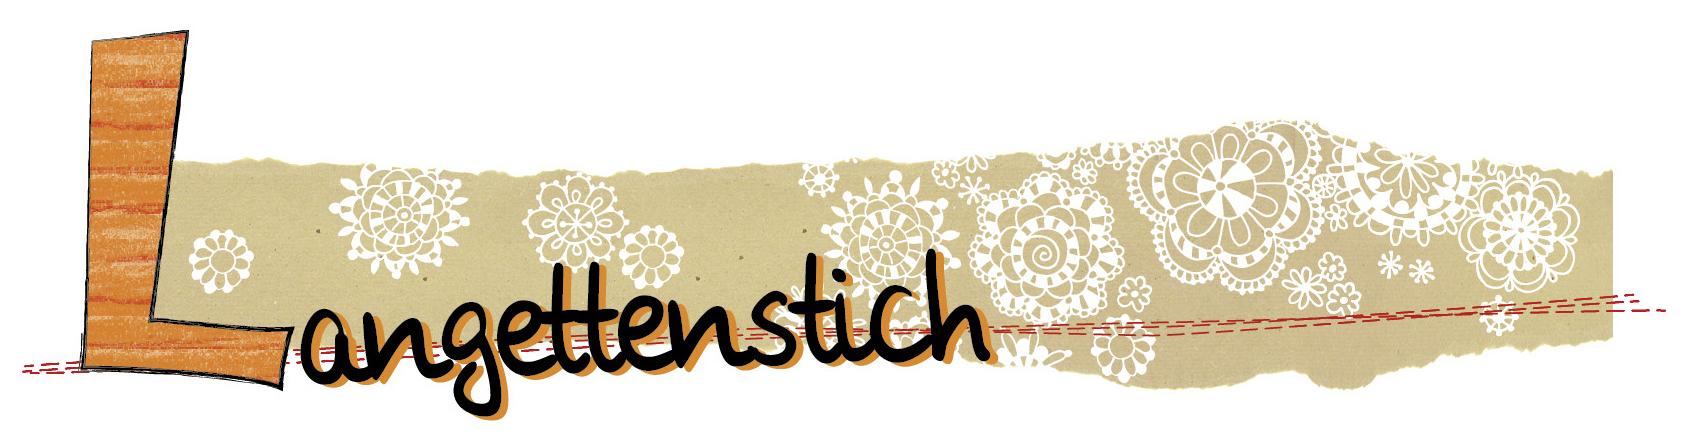 Naehzimmer, Nähzimmer, Nählexikon, Anleitung Nähen, Nähtipps, gratis, kostenlos, Langettenstich, Festonstich, Knopflöcher von Hand, Richelieustickerei